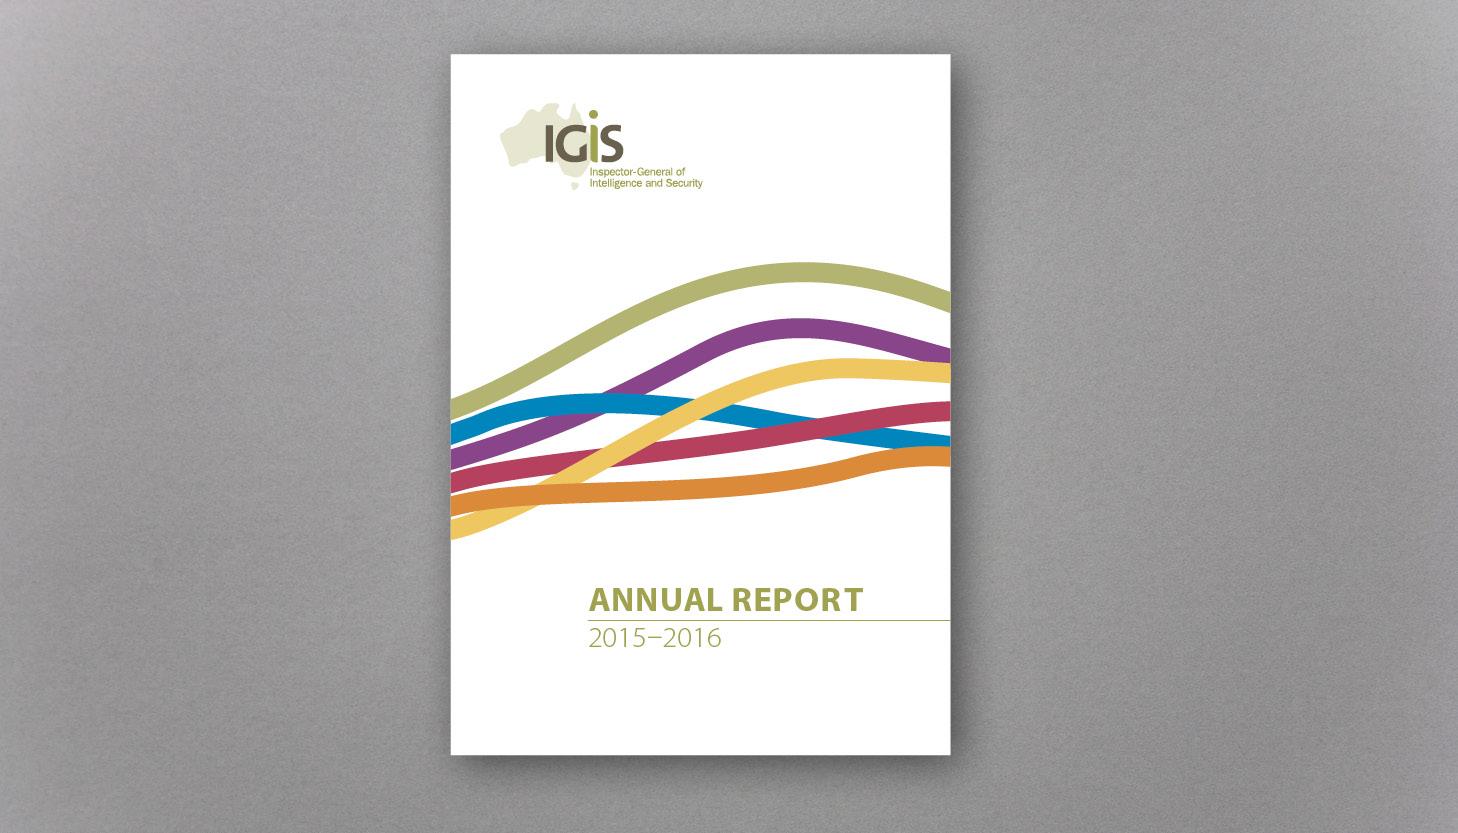 igis-2014-15-ar